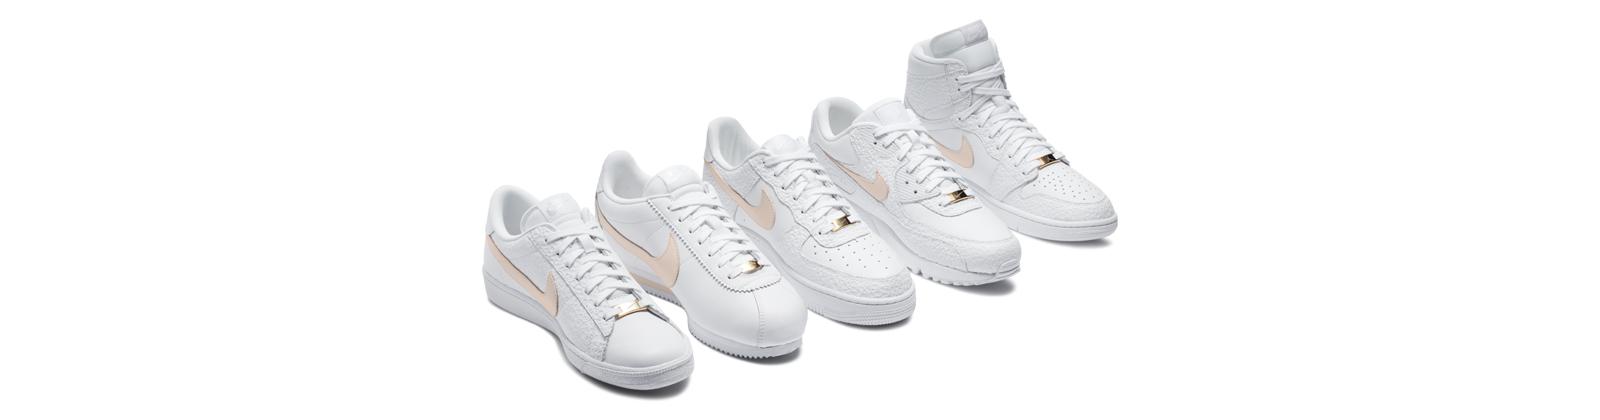 100% authentic f1955 b2f43 Nike Flyleather Energy Icons  Nike